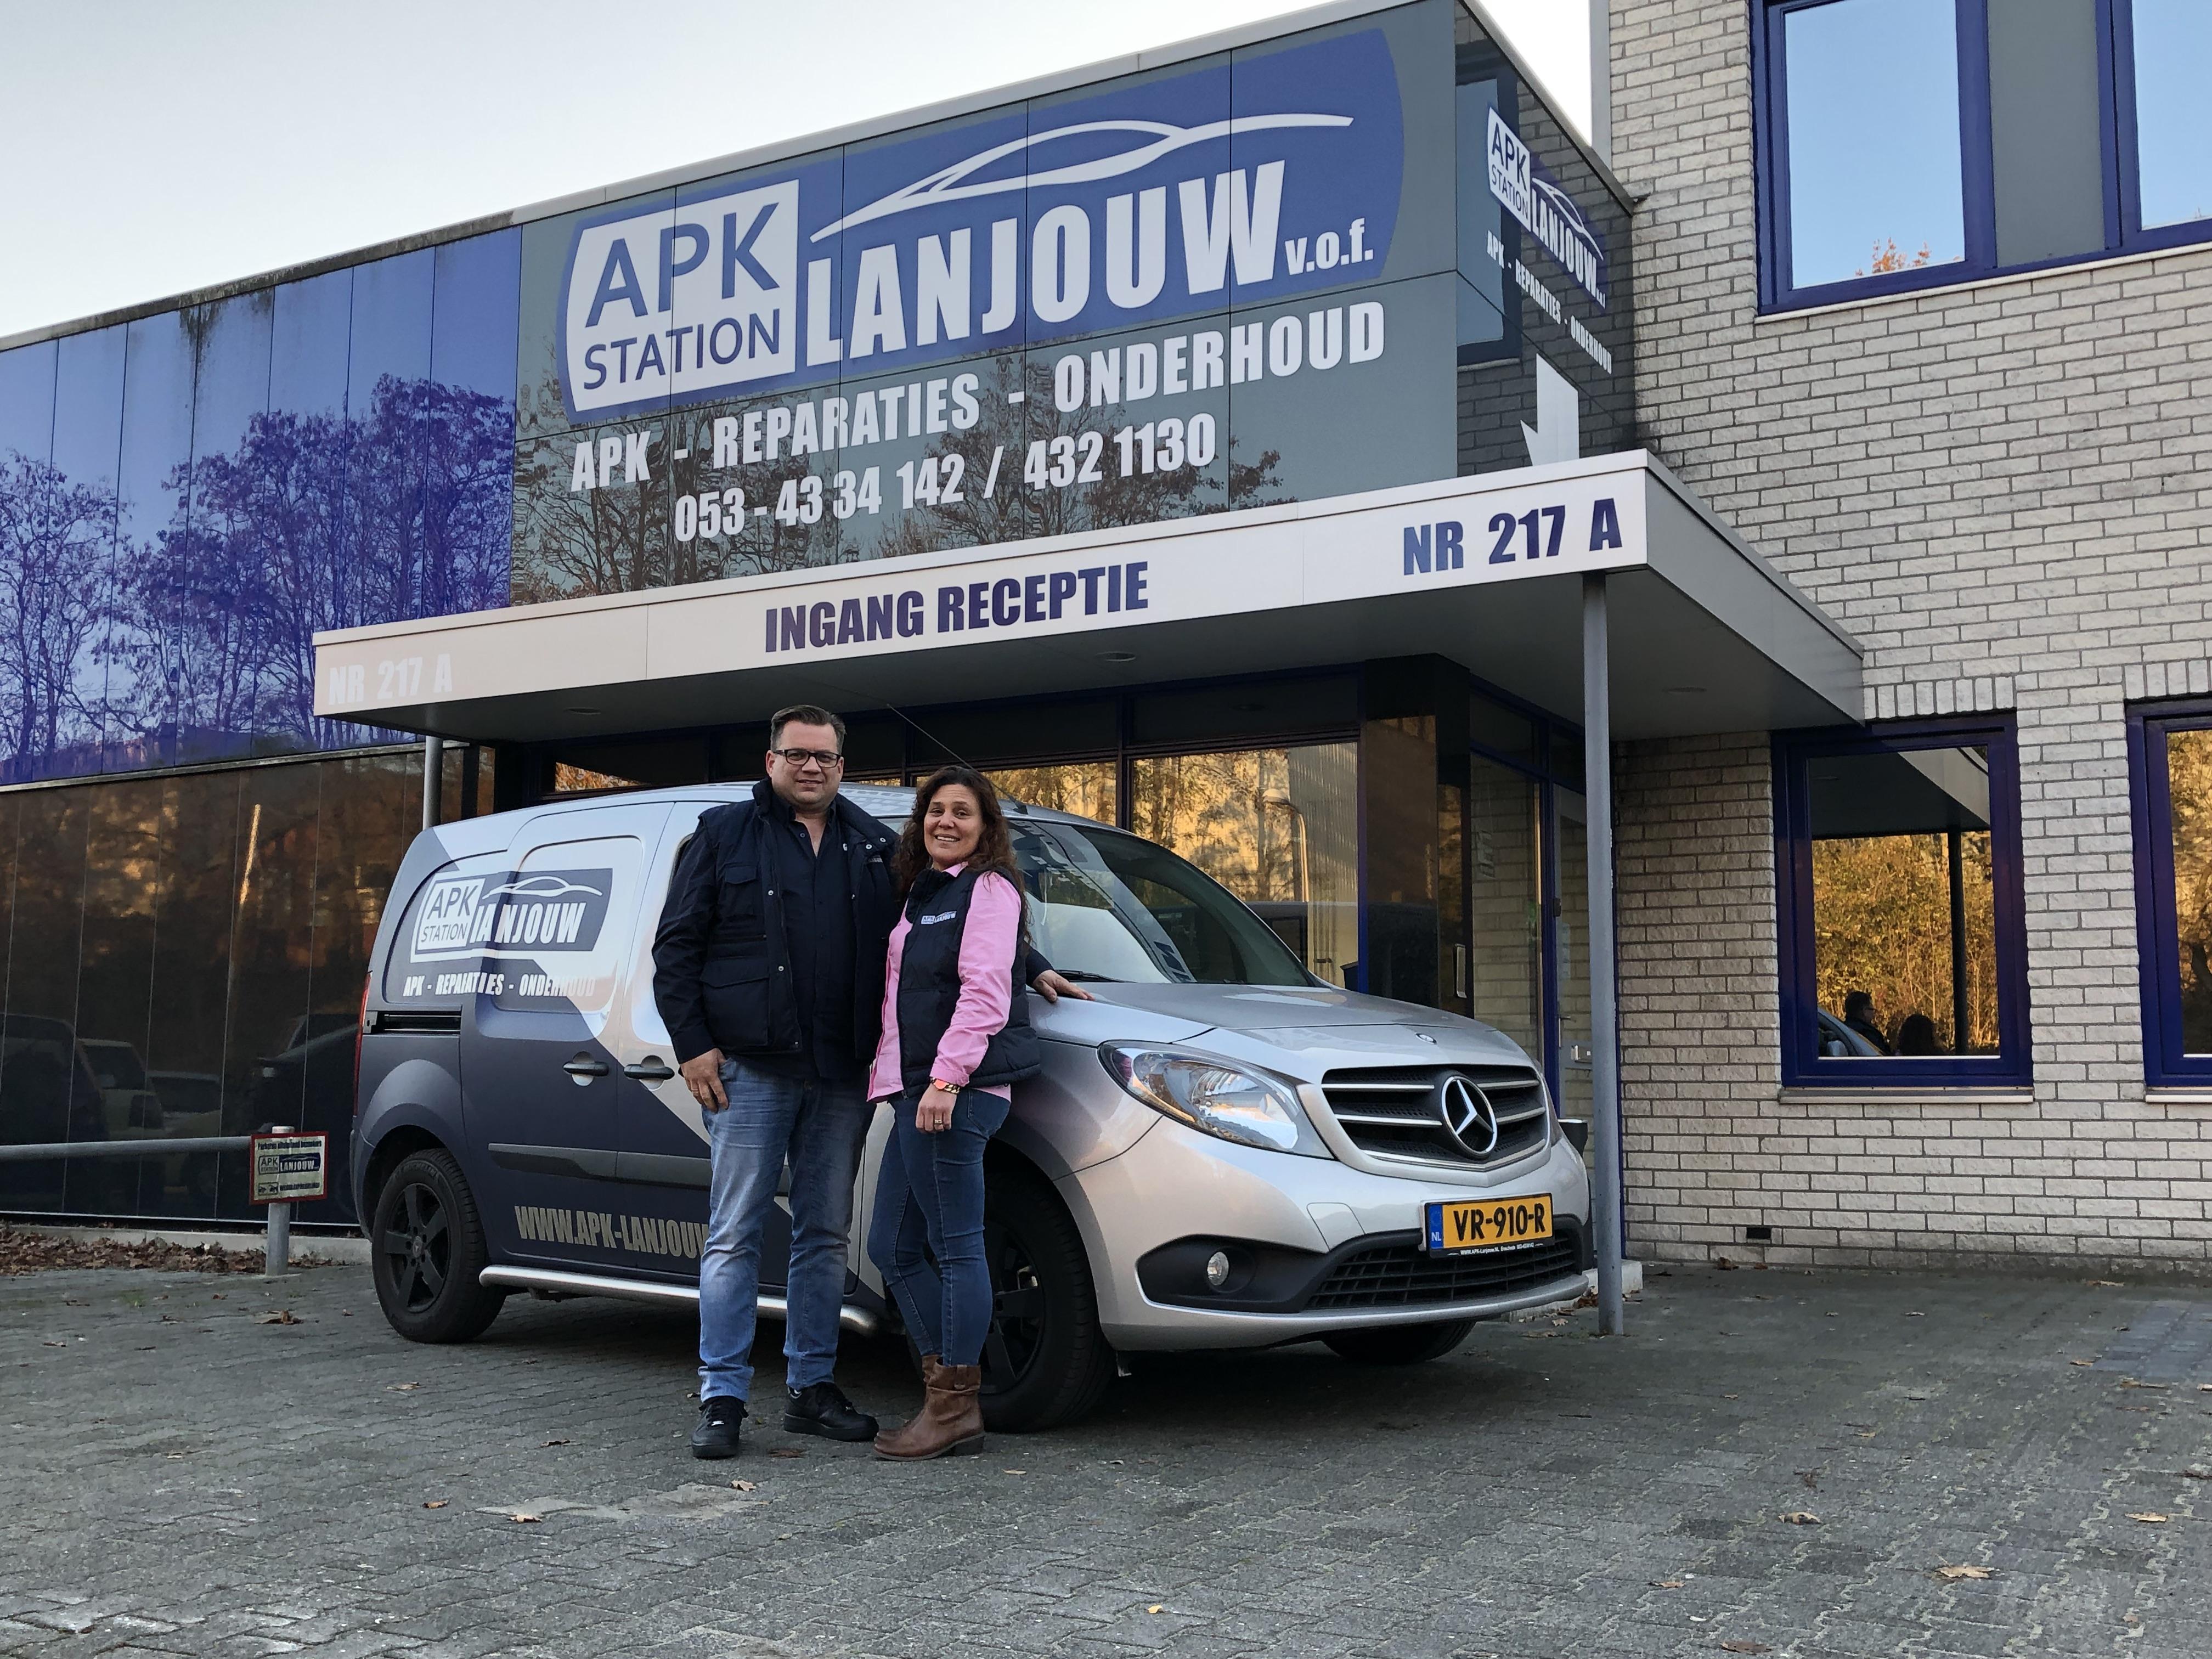 APK Lanjouw Enschede Diensten APK Keuring